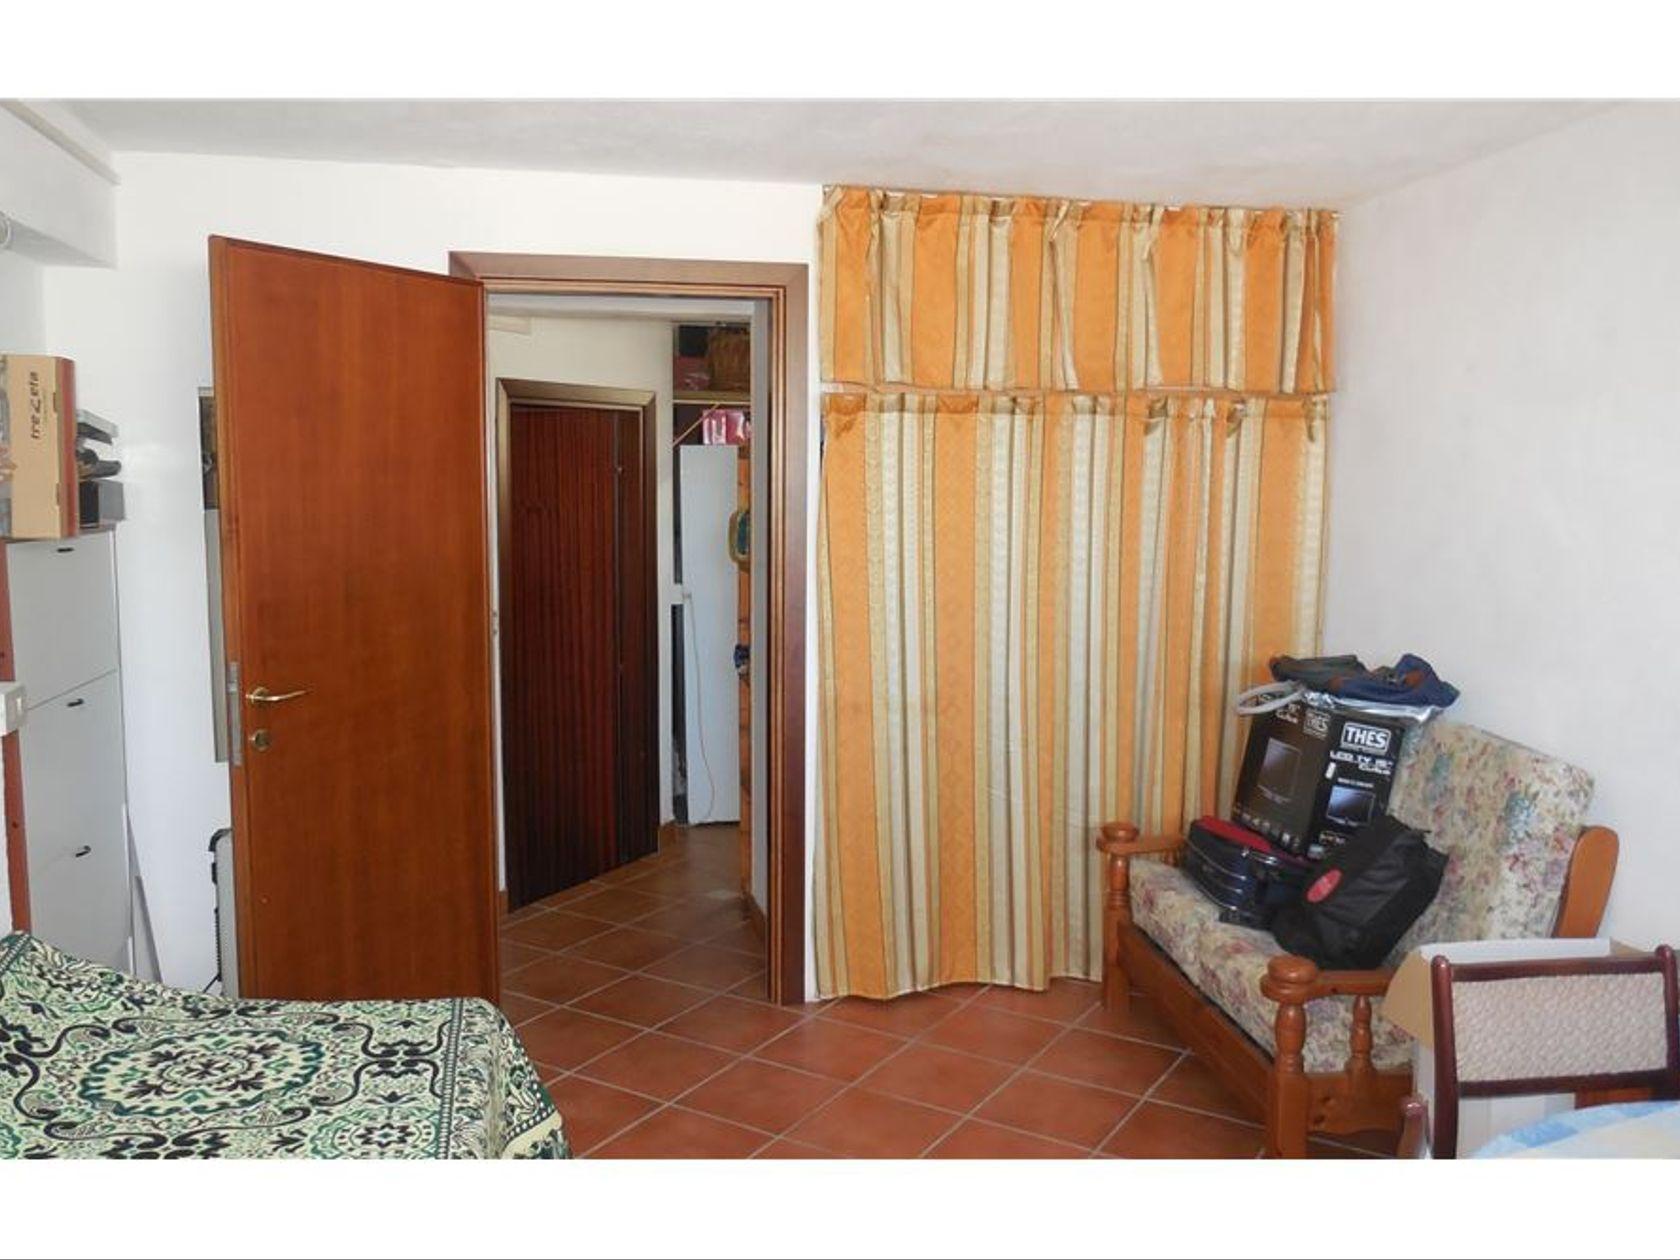 Villa singola Picenze (San Martino), Barisciano, AQ Vendita - Foto 7